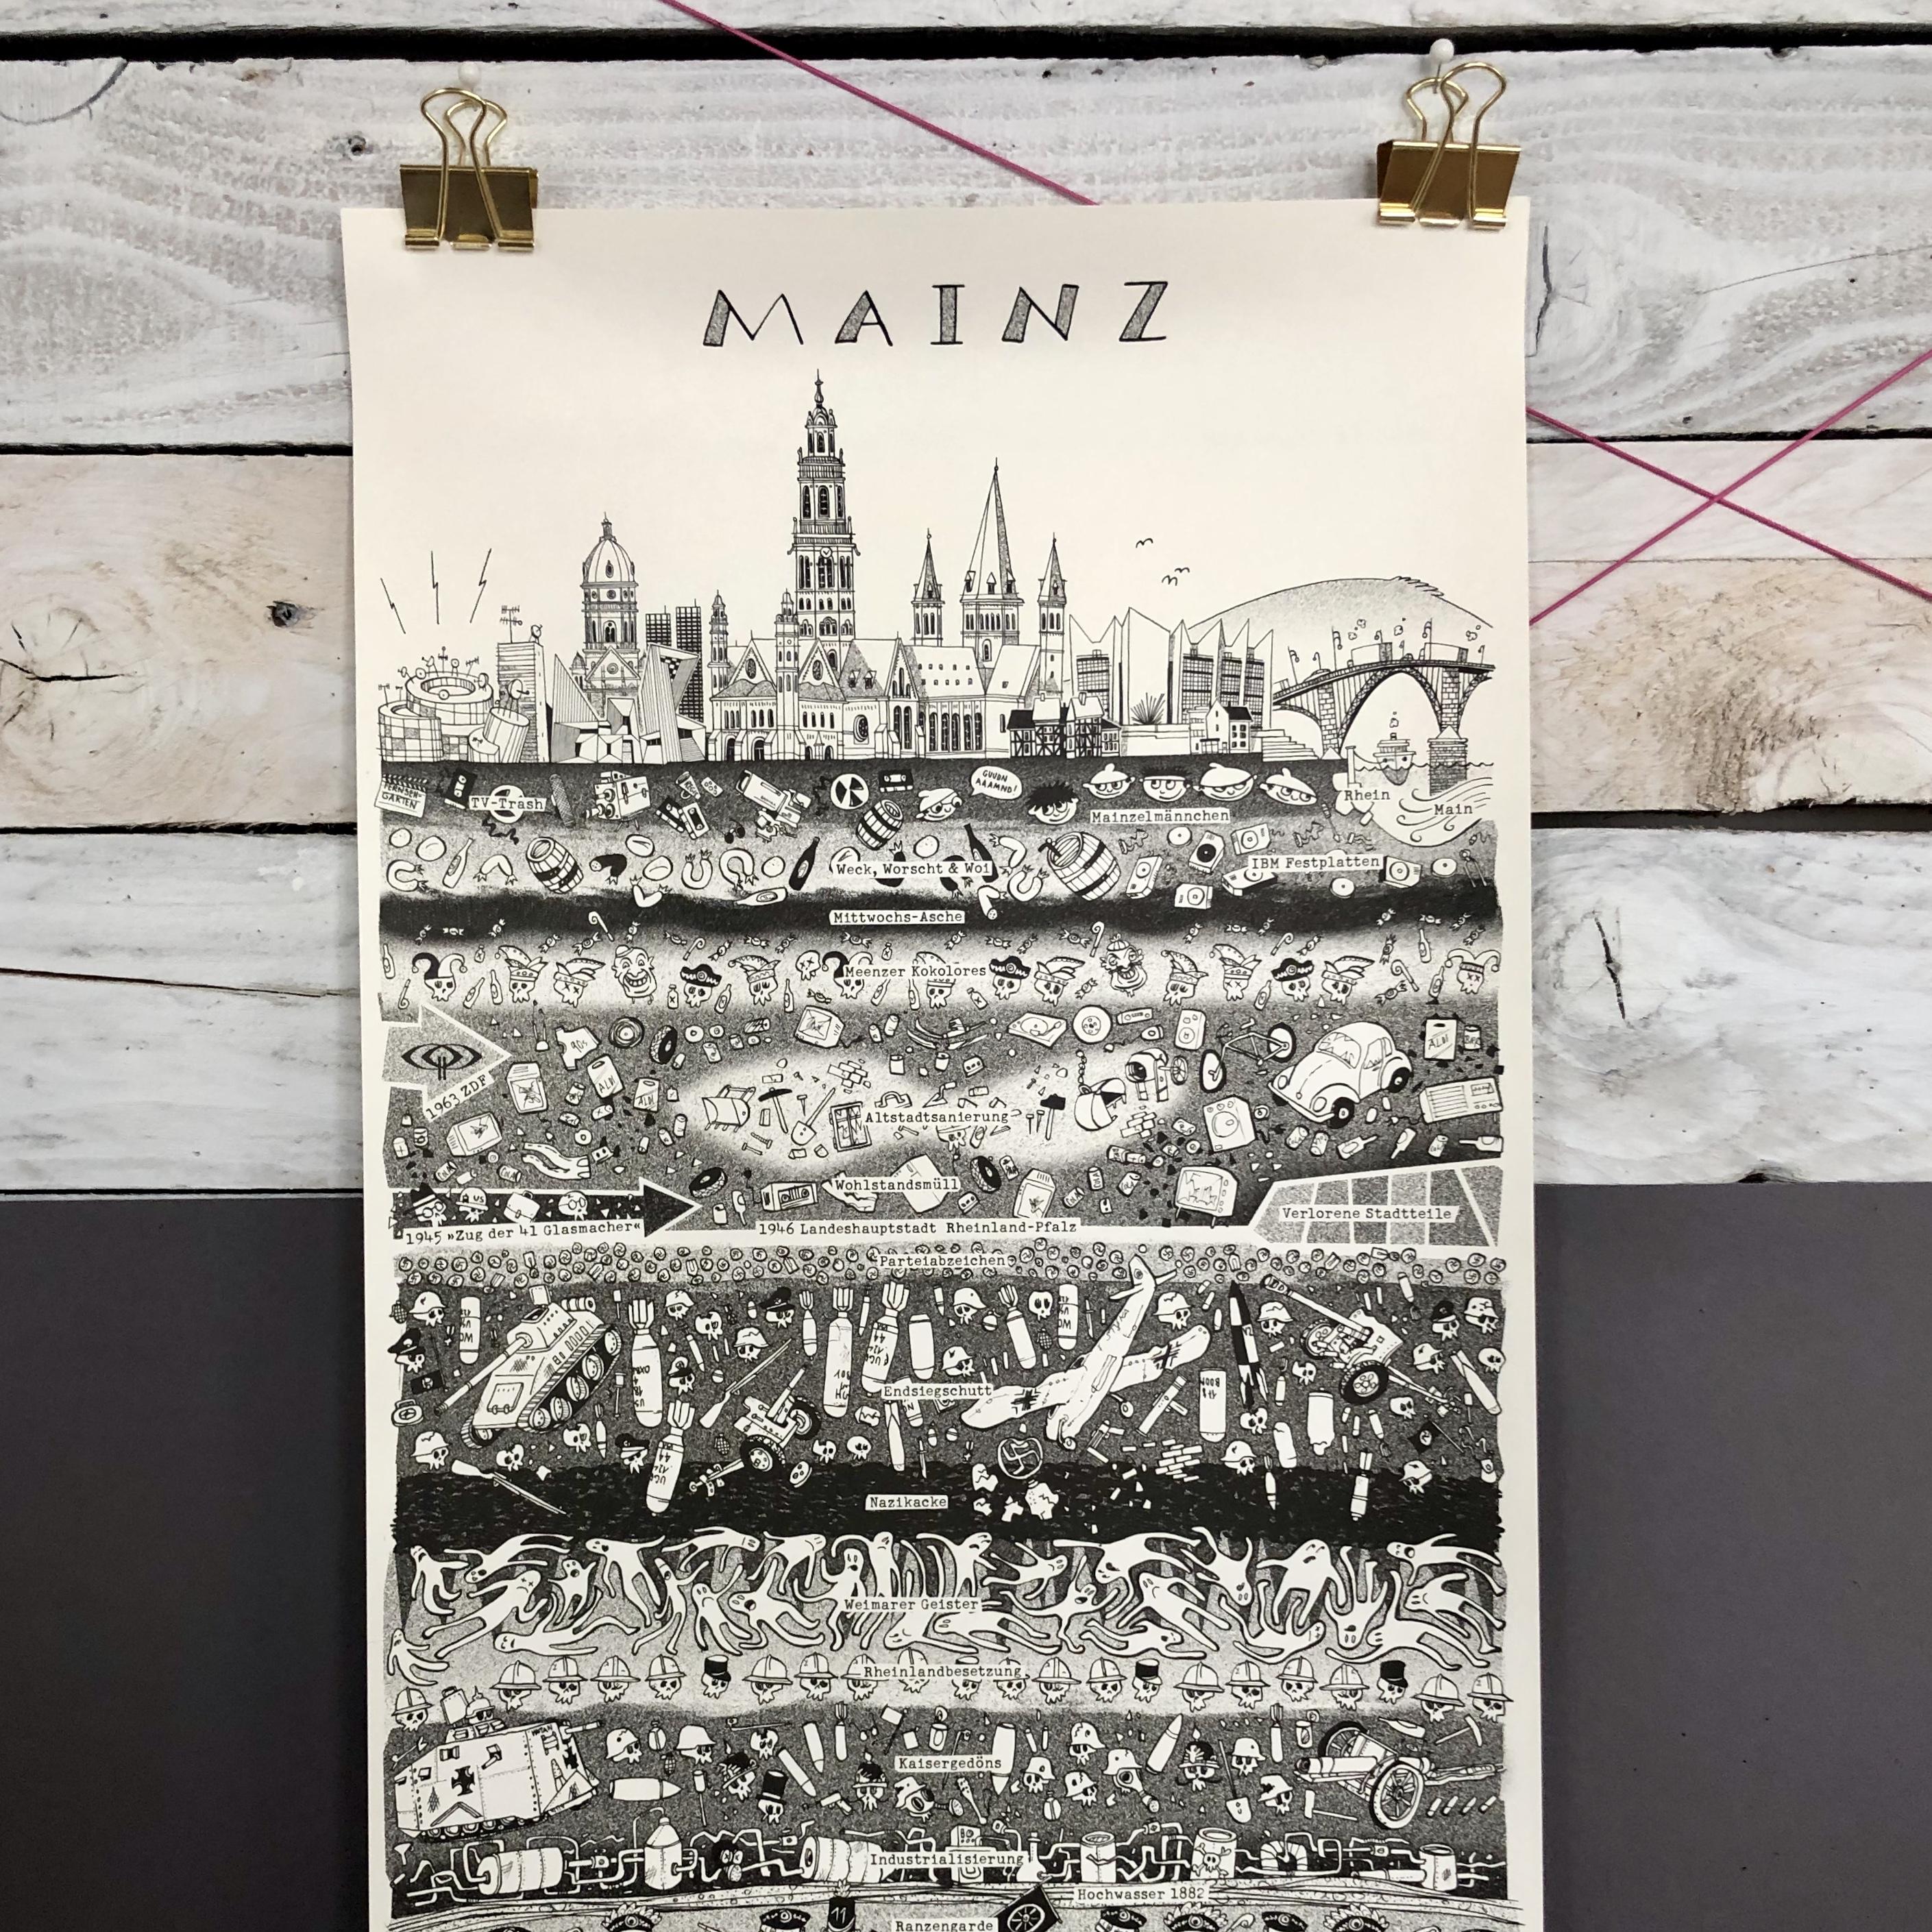 Querschnitt-Poster Mainz von Wolfgang Philippi